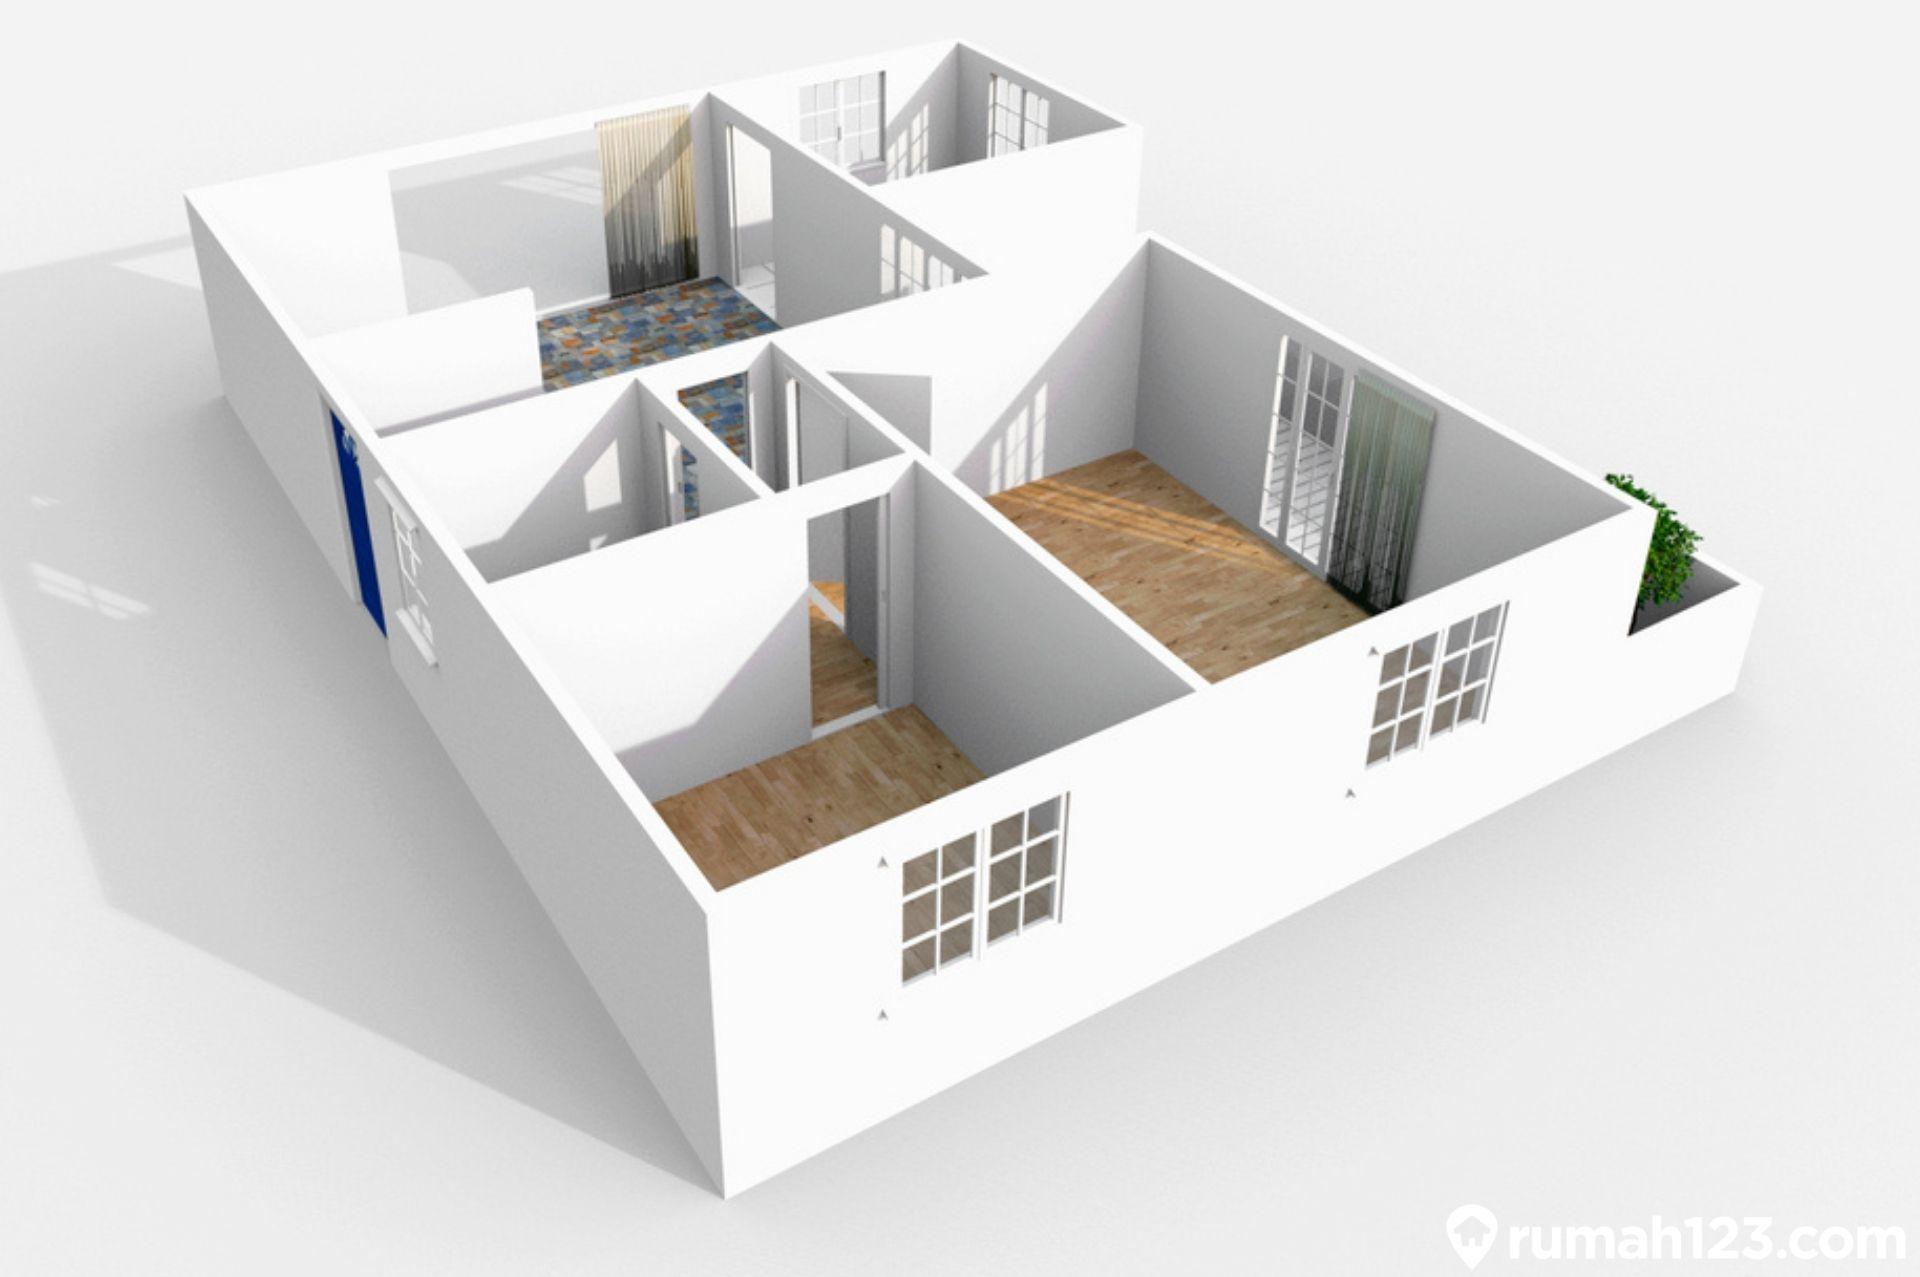 11 Contoh Denah Rumah Minimalis 3 Kamar Tidur Yang Luas Dan Nyaman |  Rumah123.com